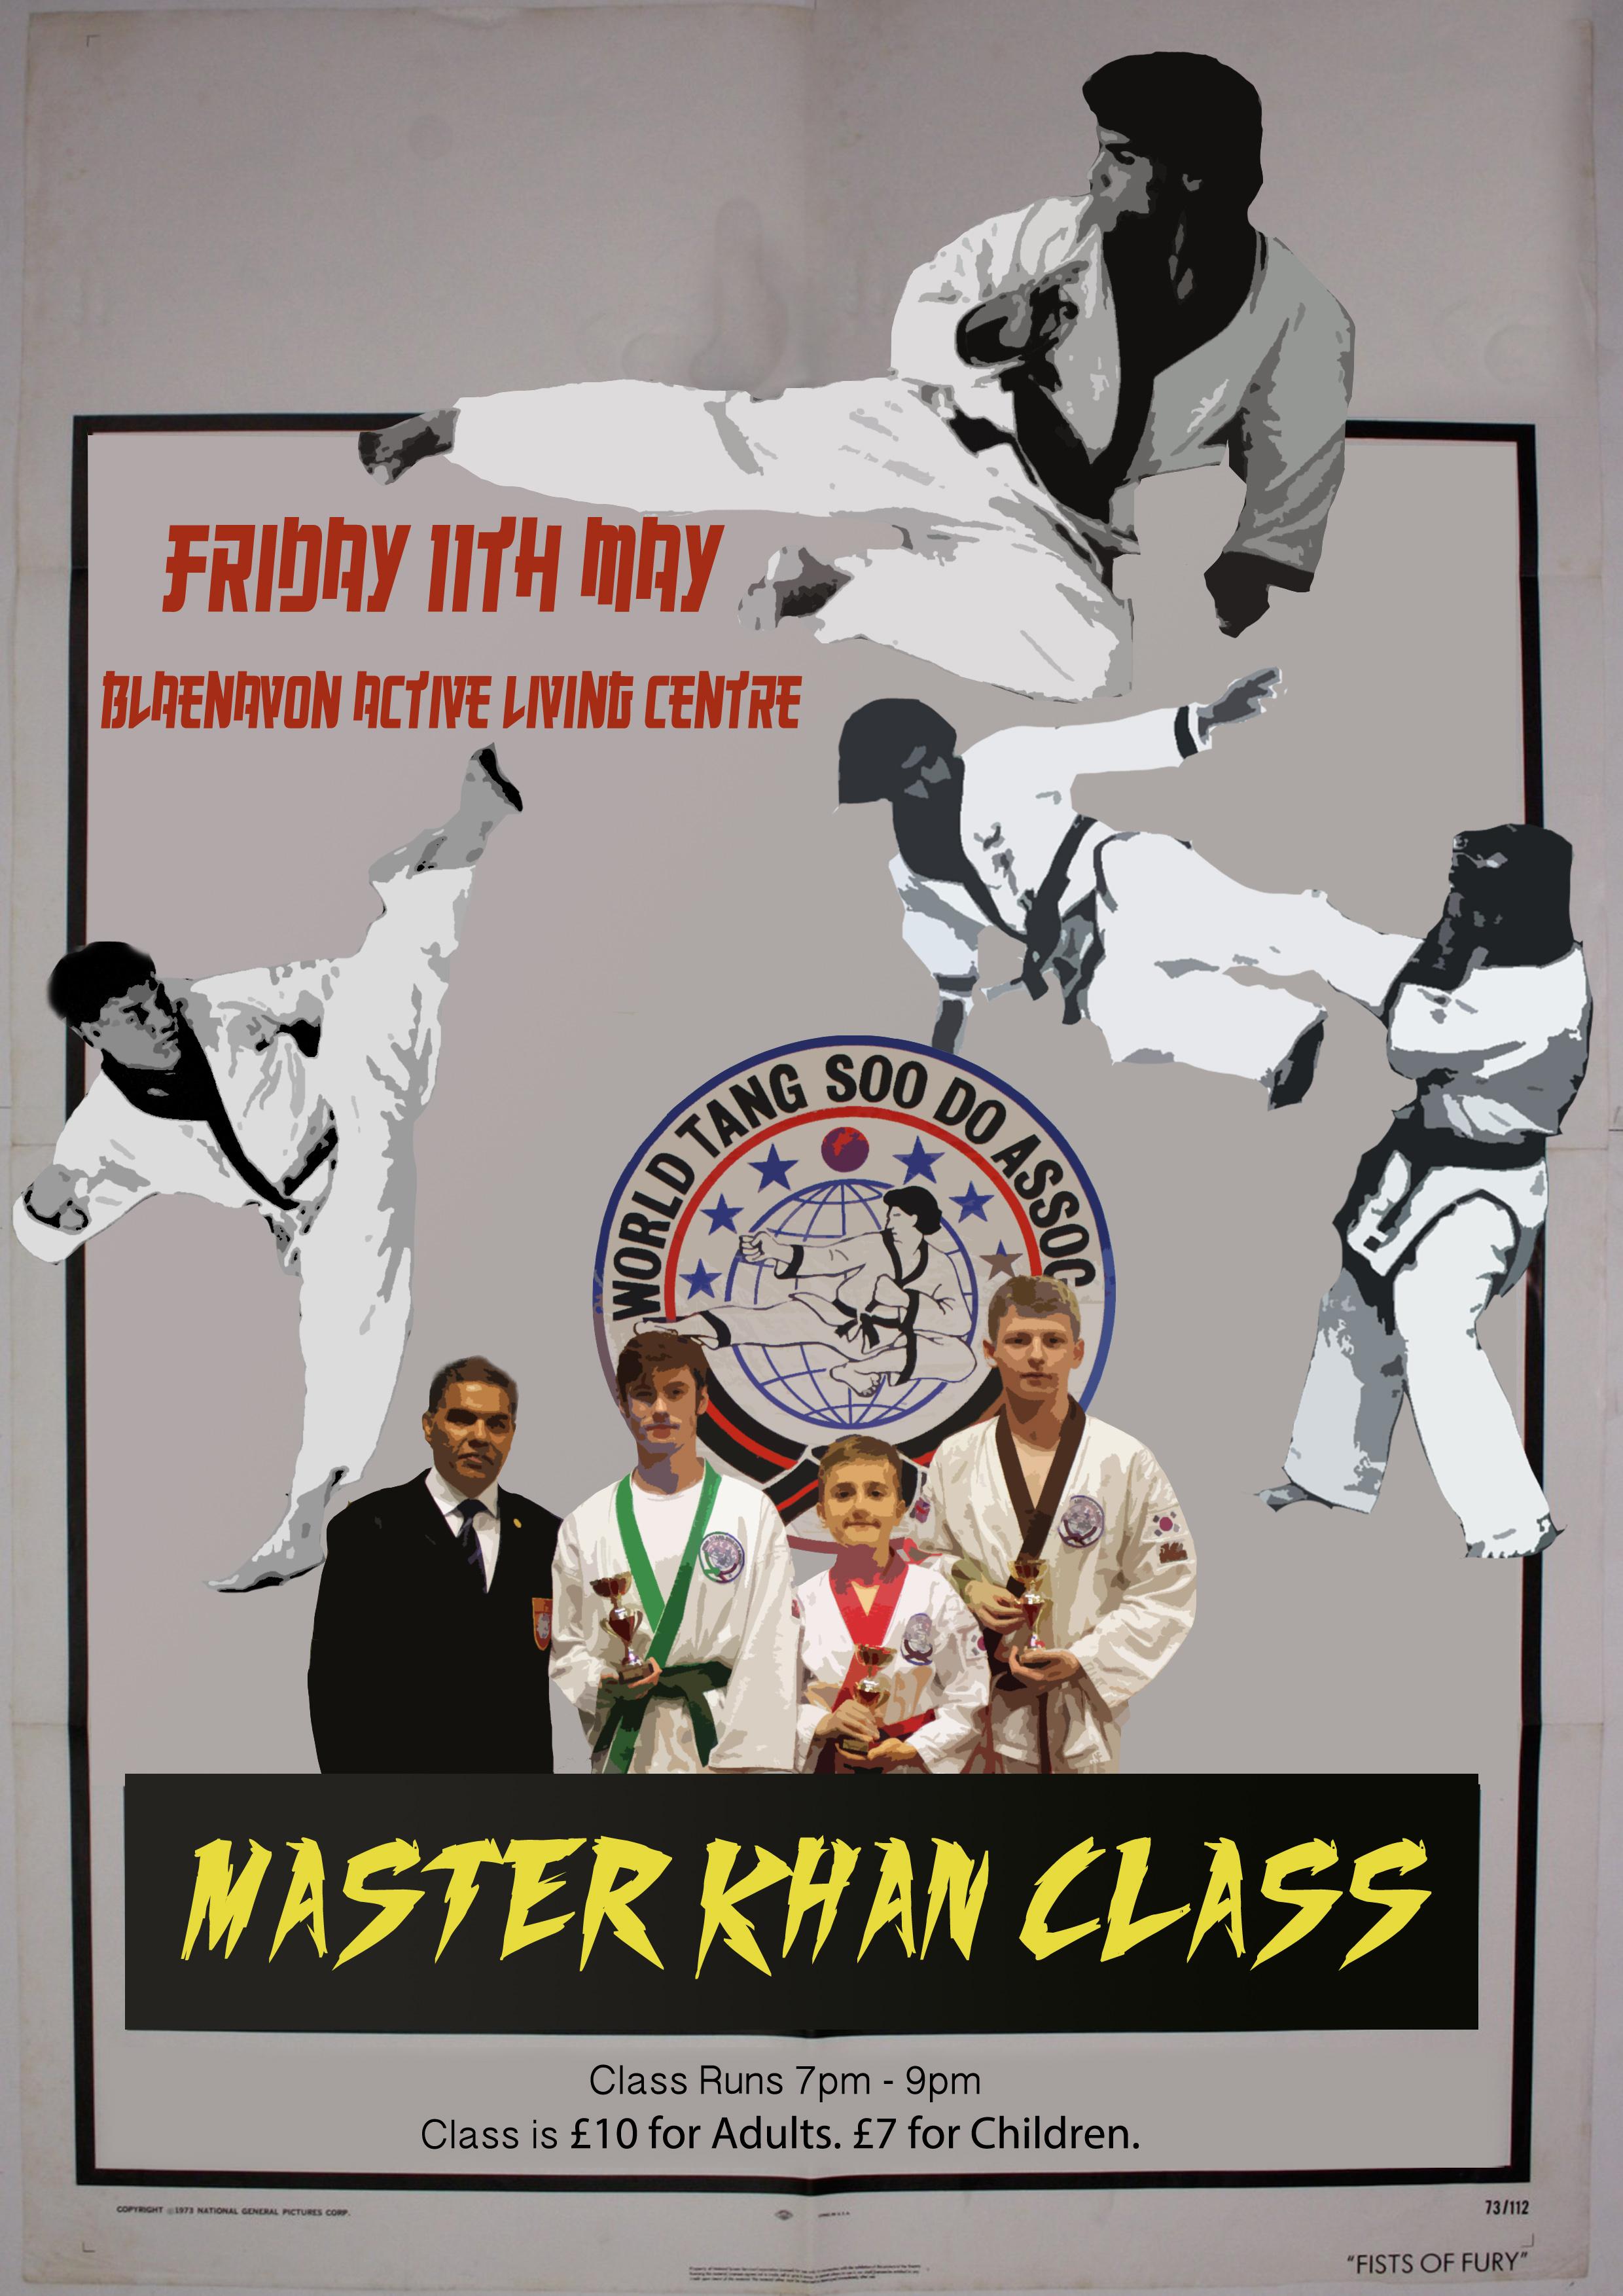 mk class.jpg